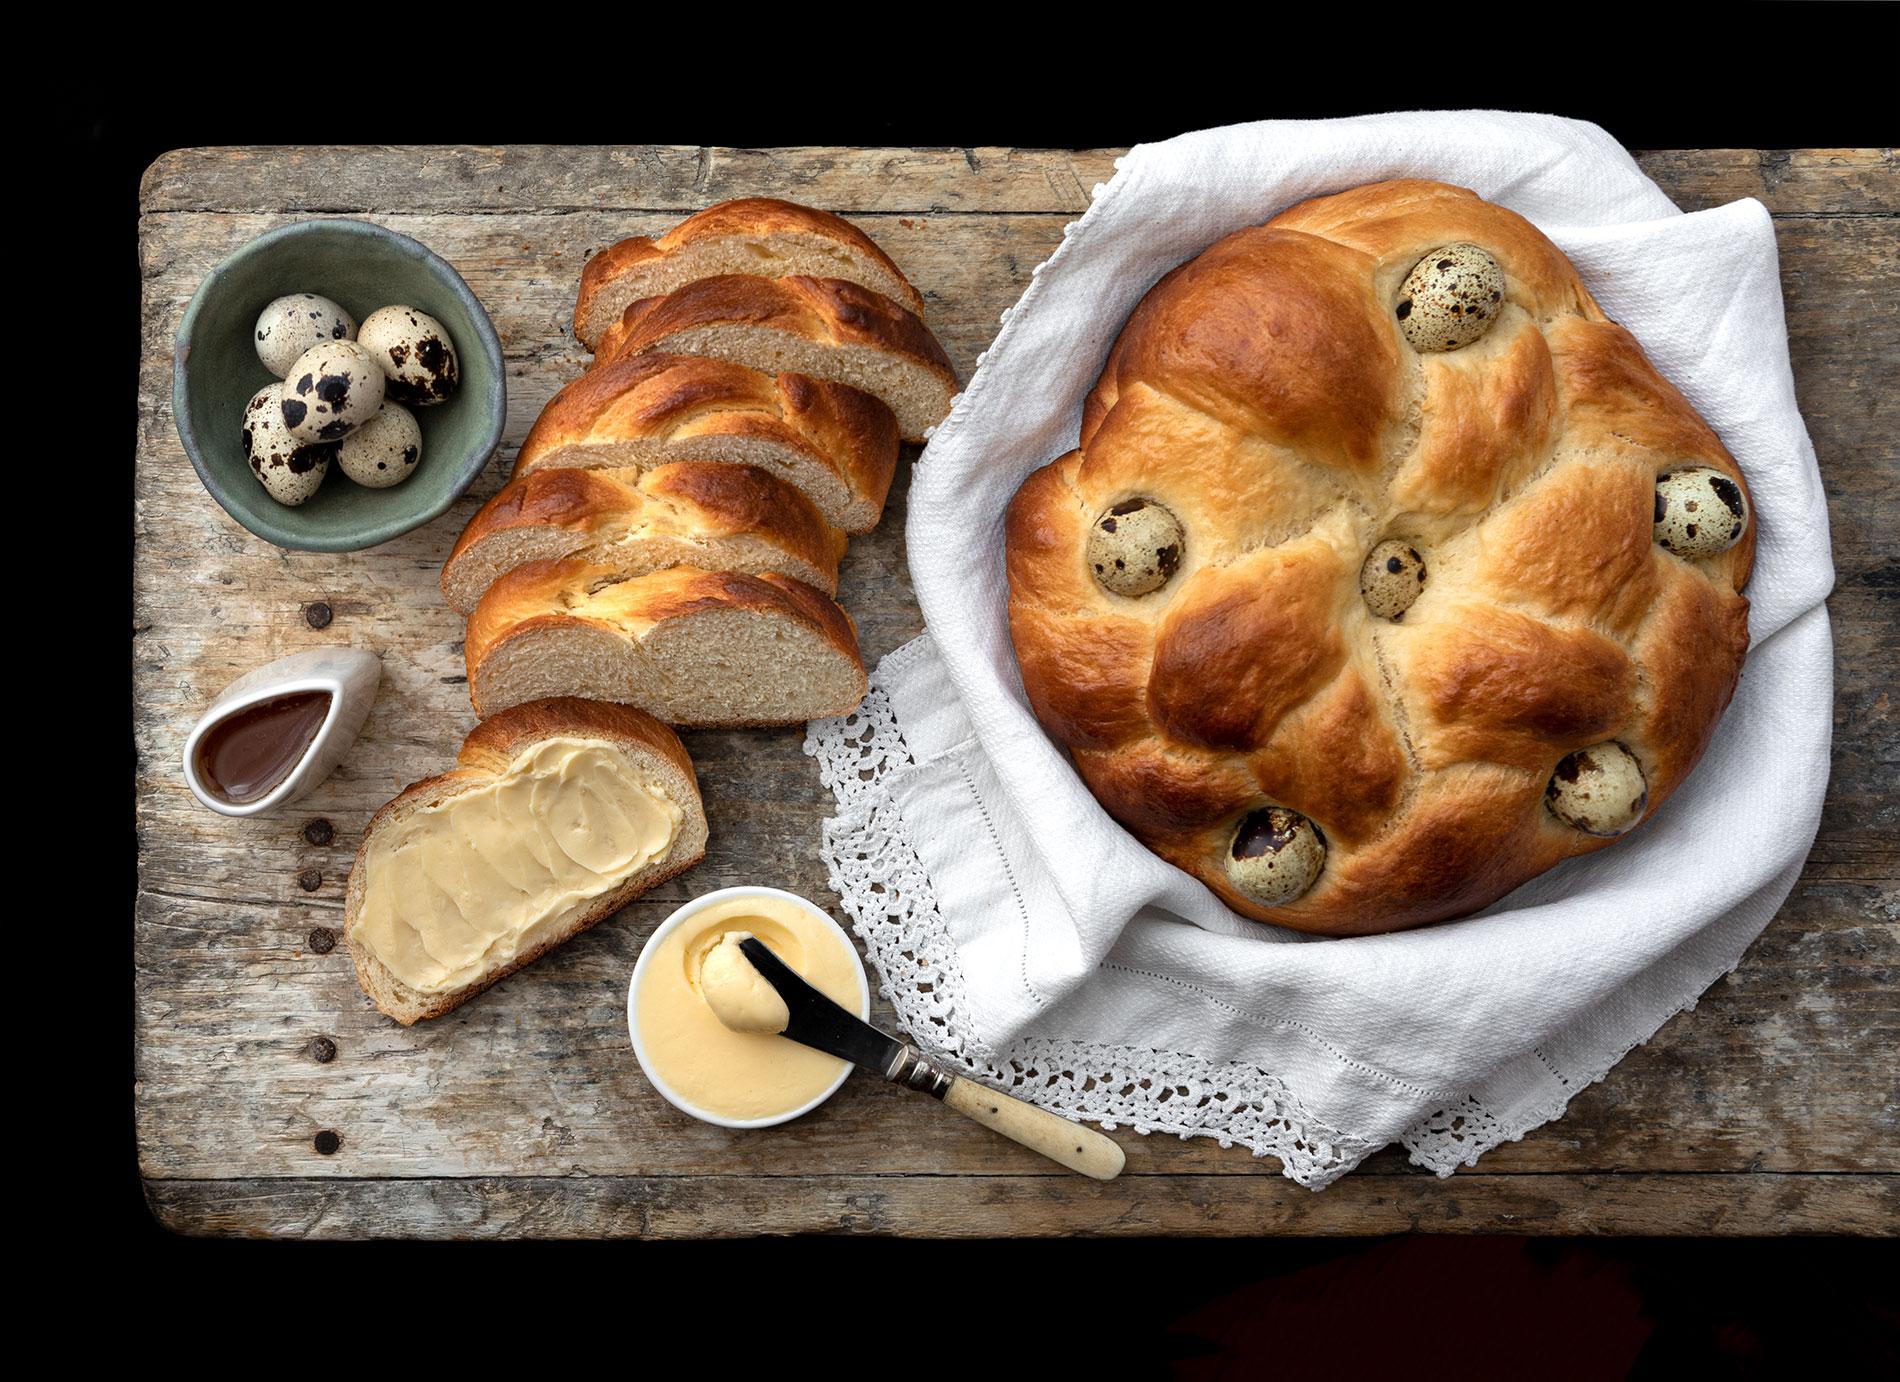 Portuguese Egg Bread